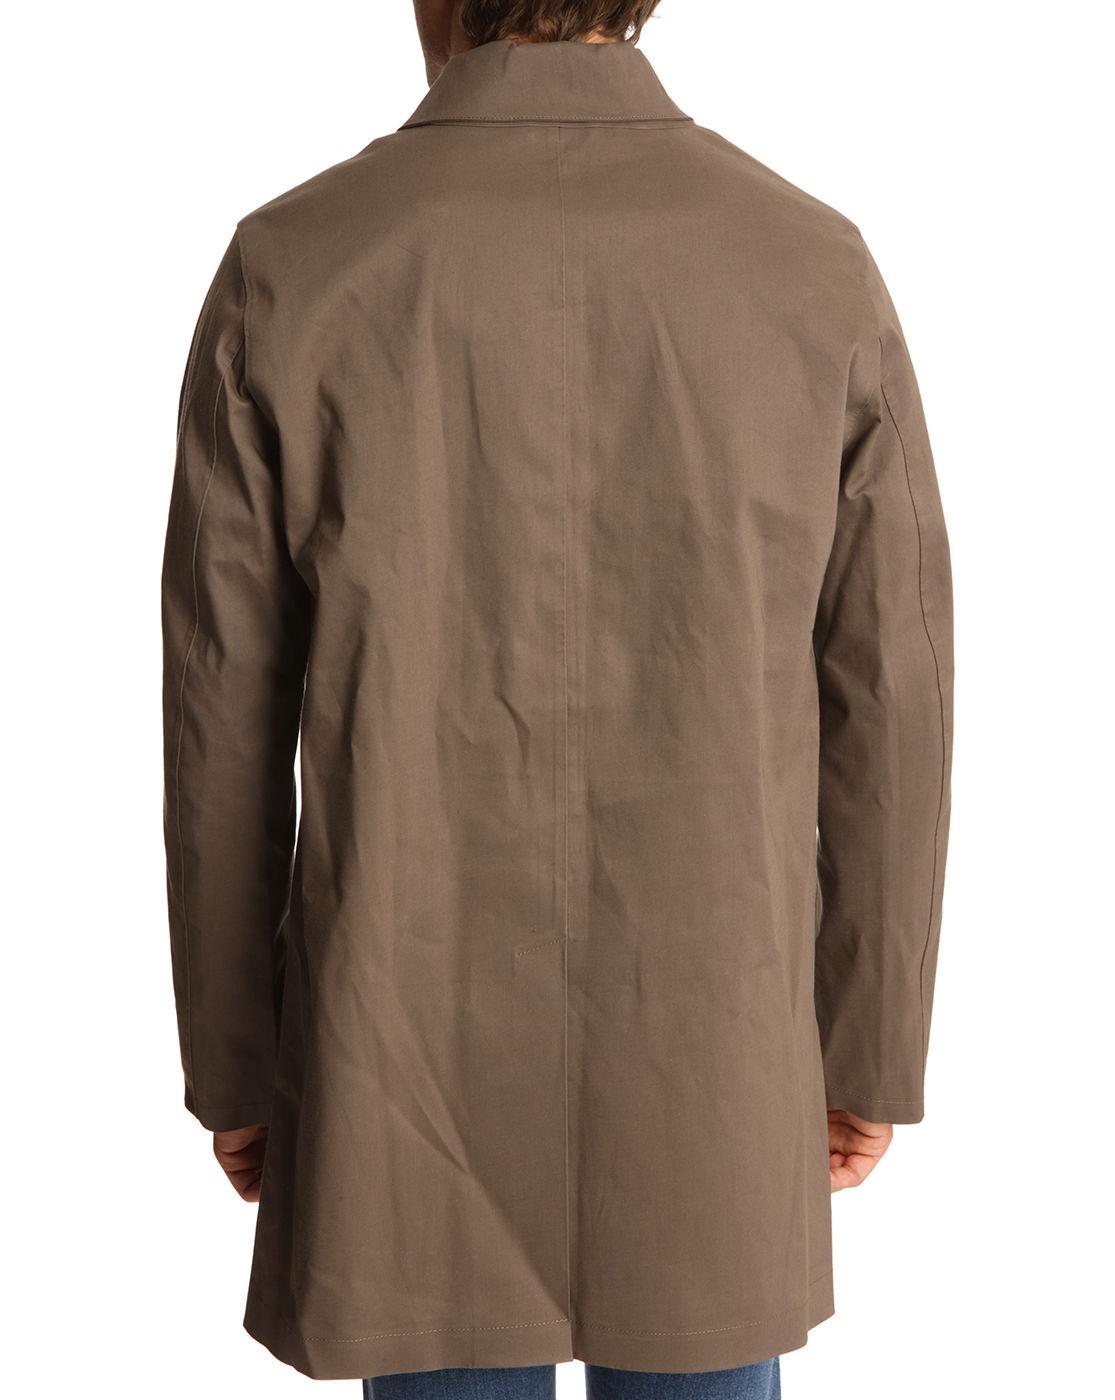 Brown Waterproof Jacket - JacketIn